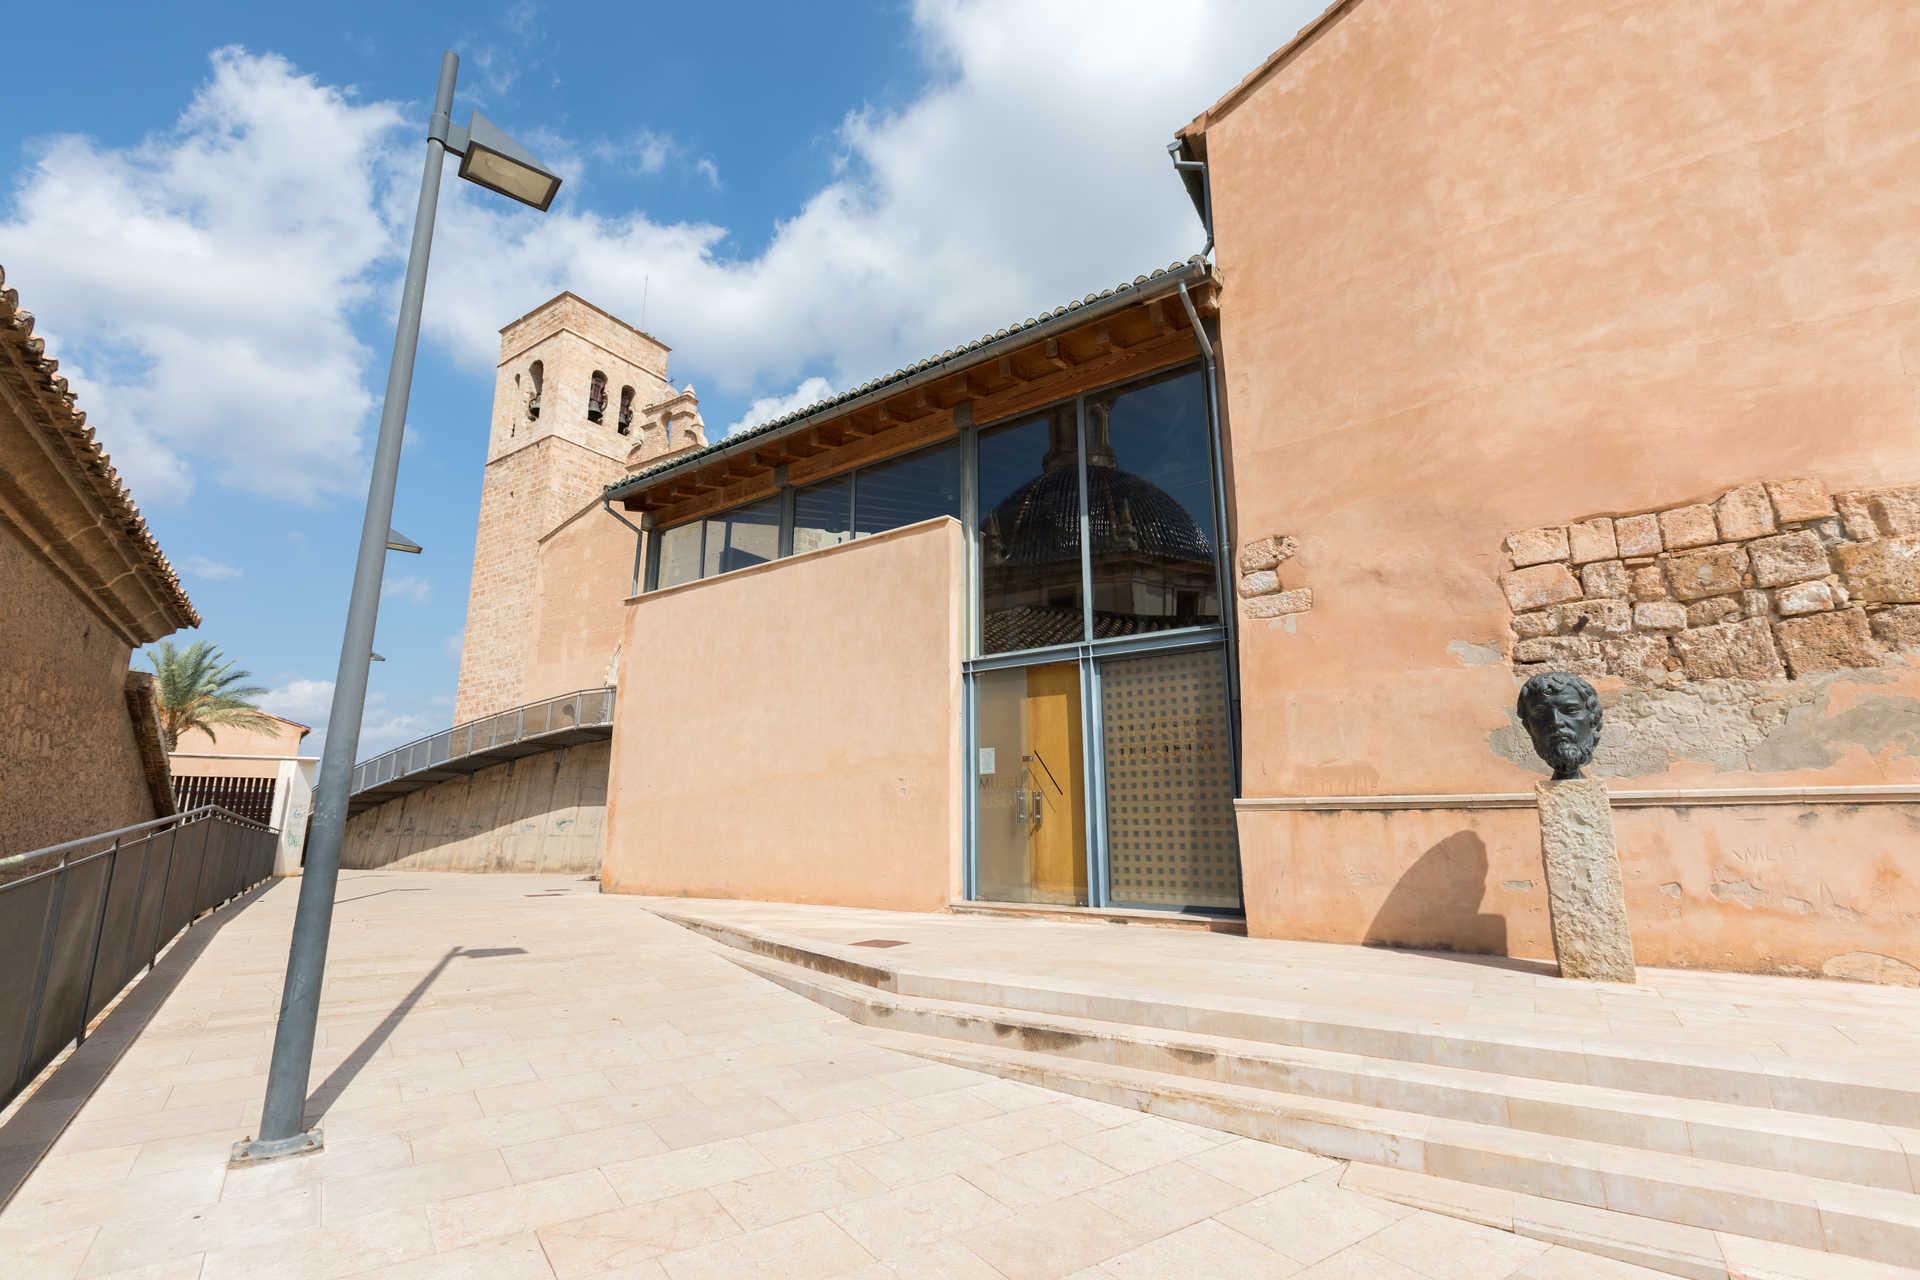 Museu Silvestre de Edeta